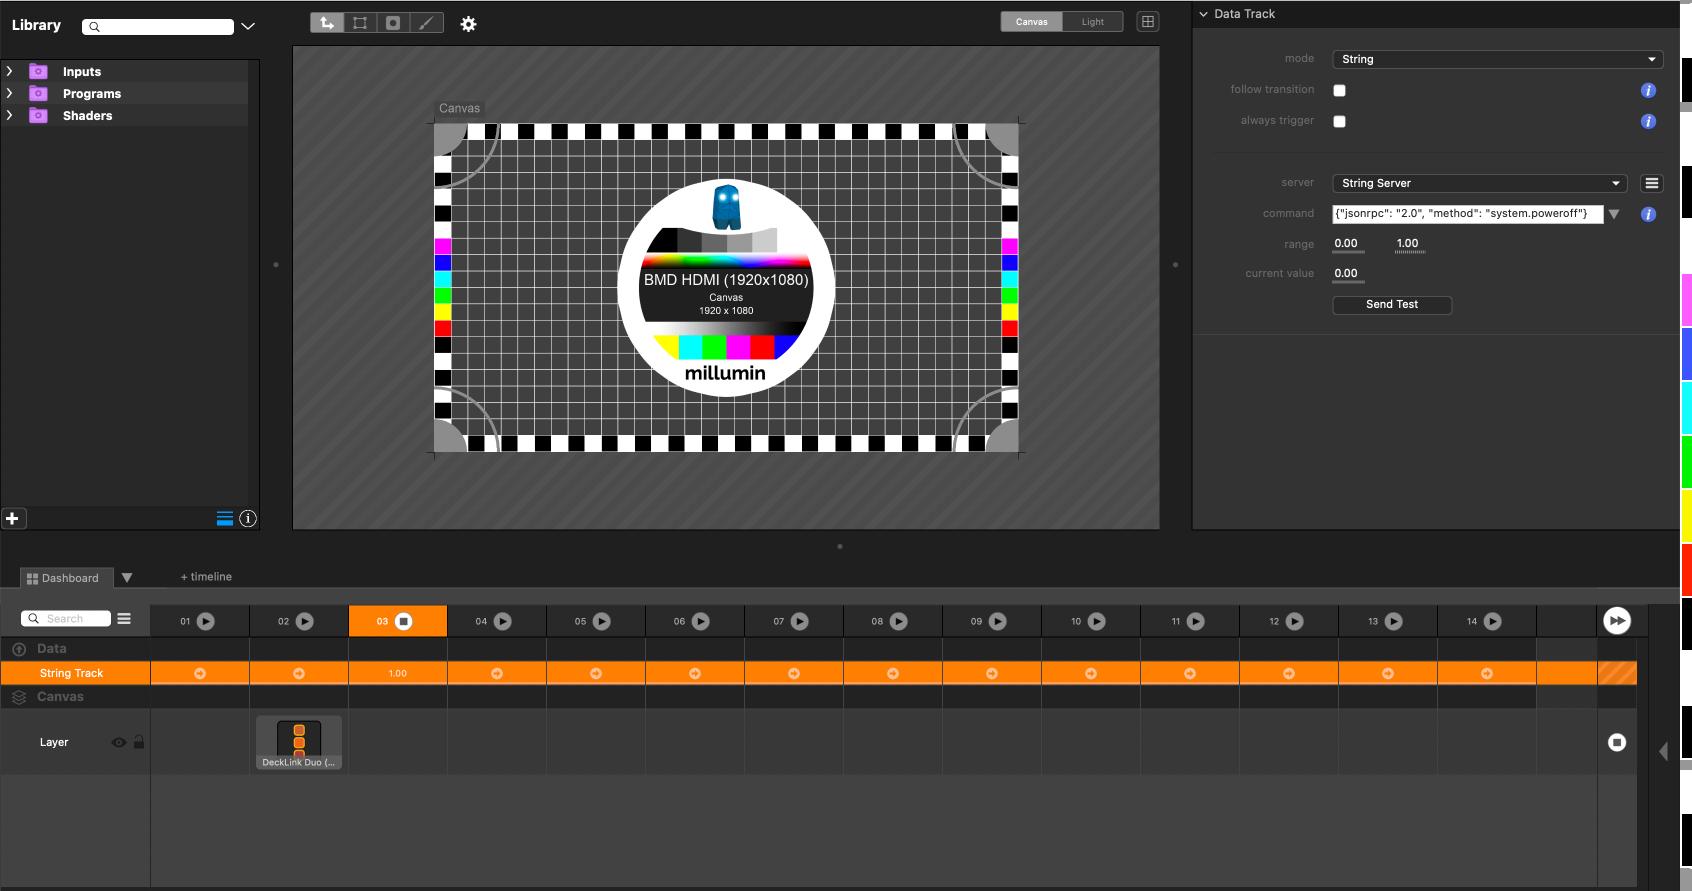 Capture d'écran 2021-04-30 à 10.02.21.png